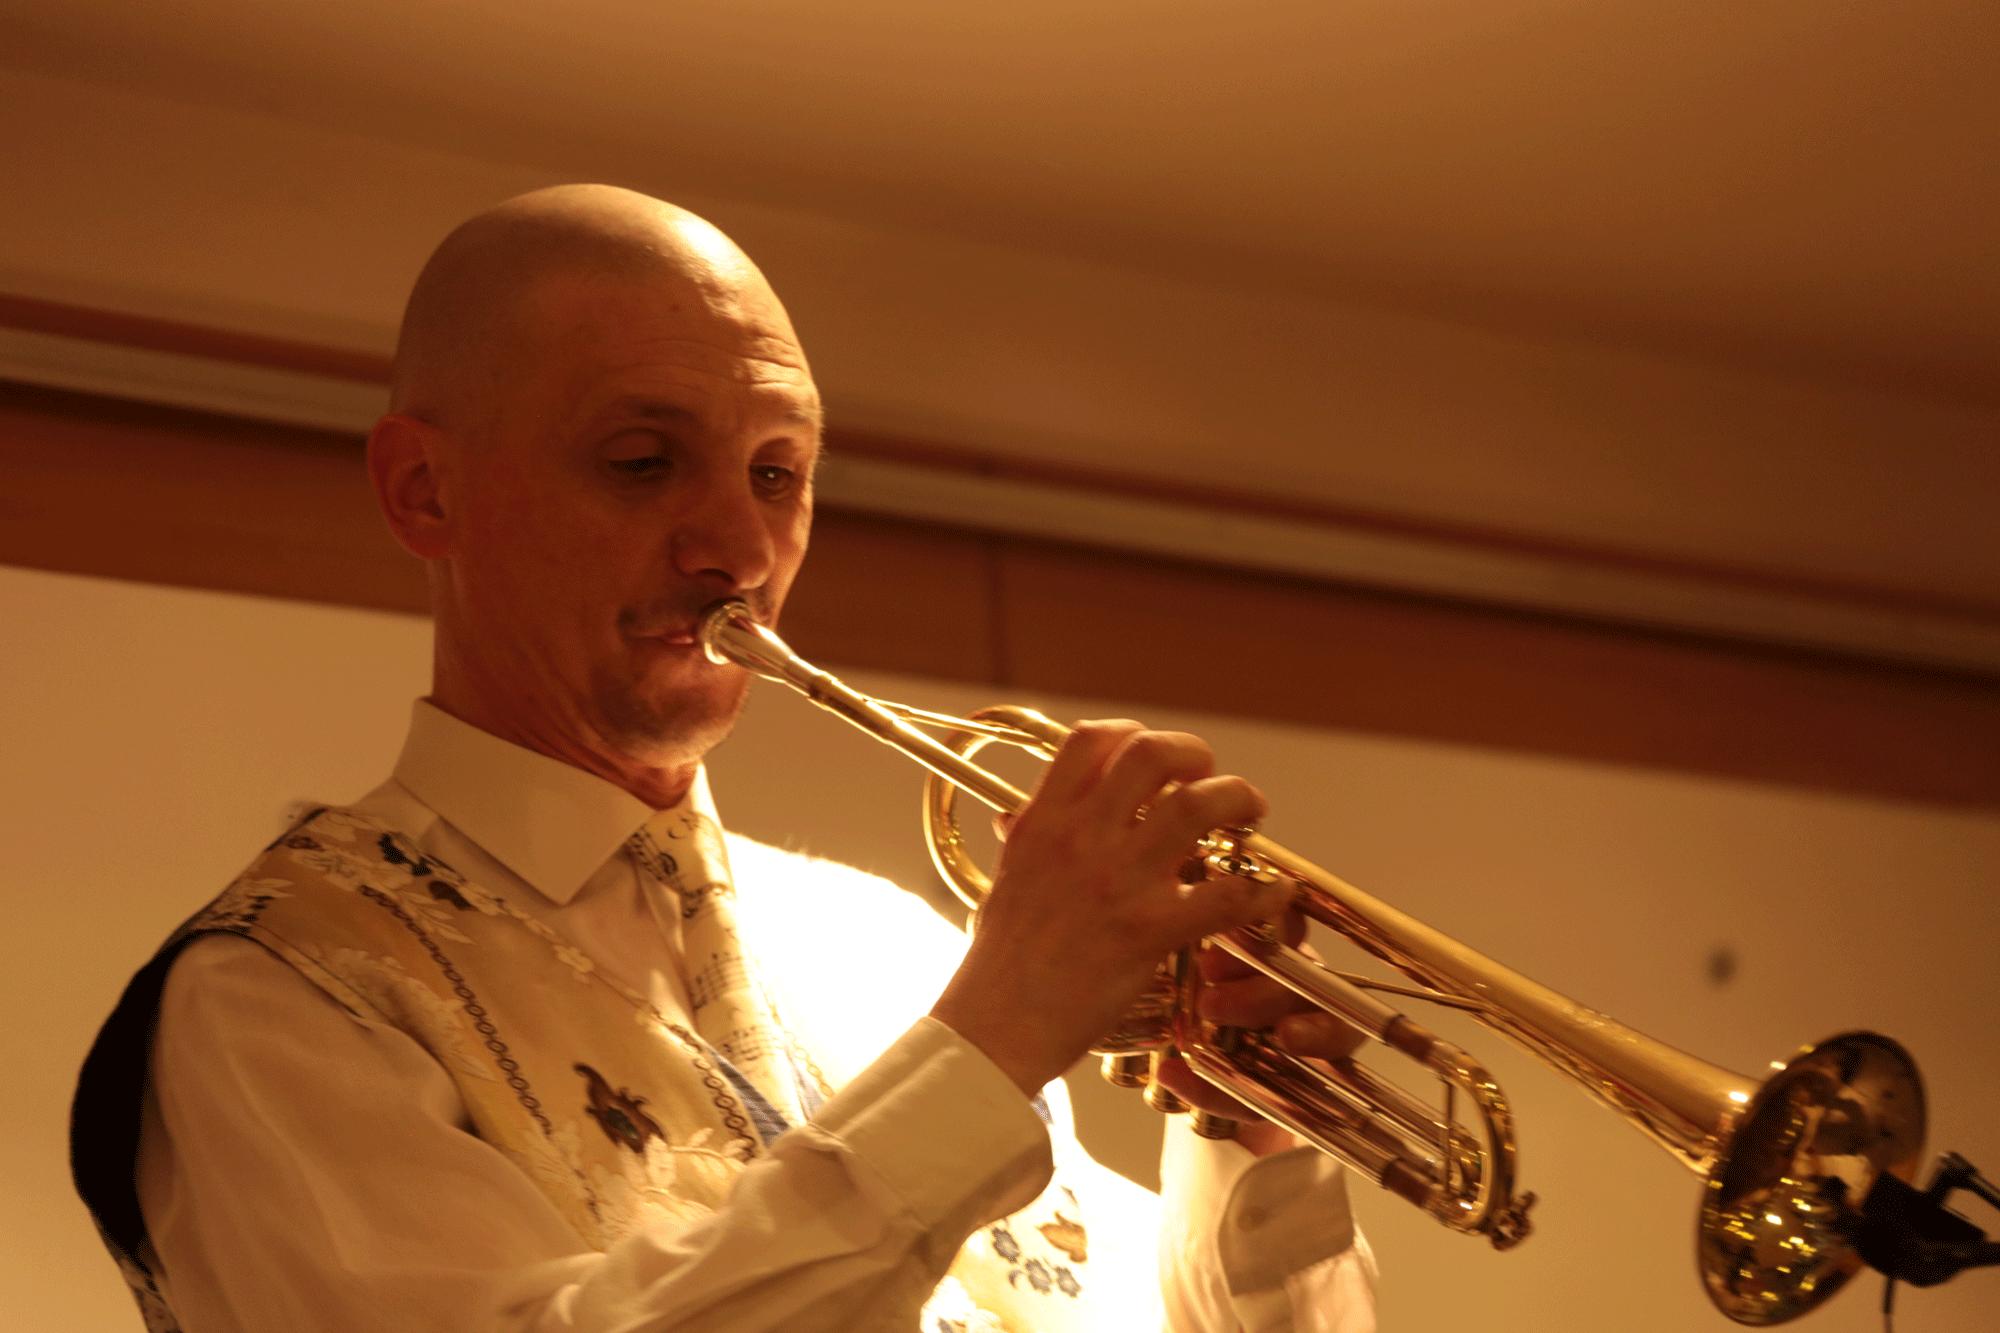 12-Trompettiste-d'un-Orchestre-variété-jazz,-20-ans-de-la-SLMM-à-Mesnil-le-roi-78-29-11-2014J